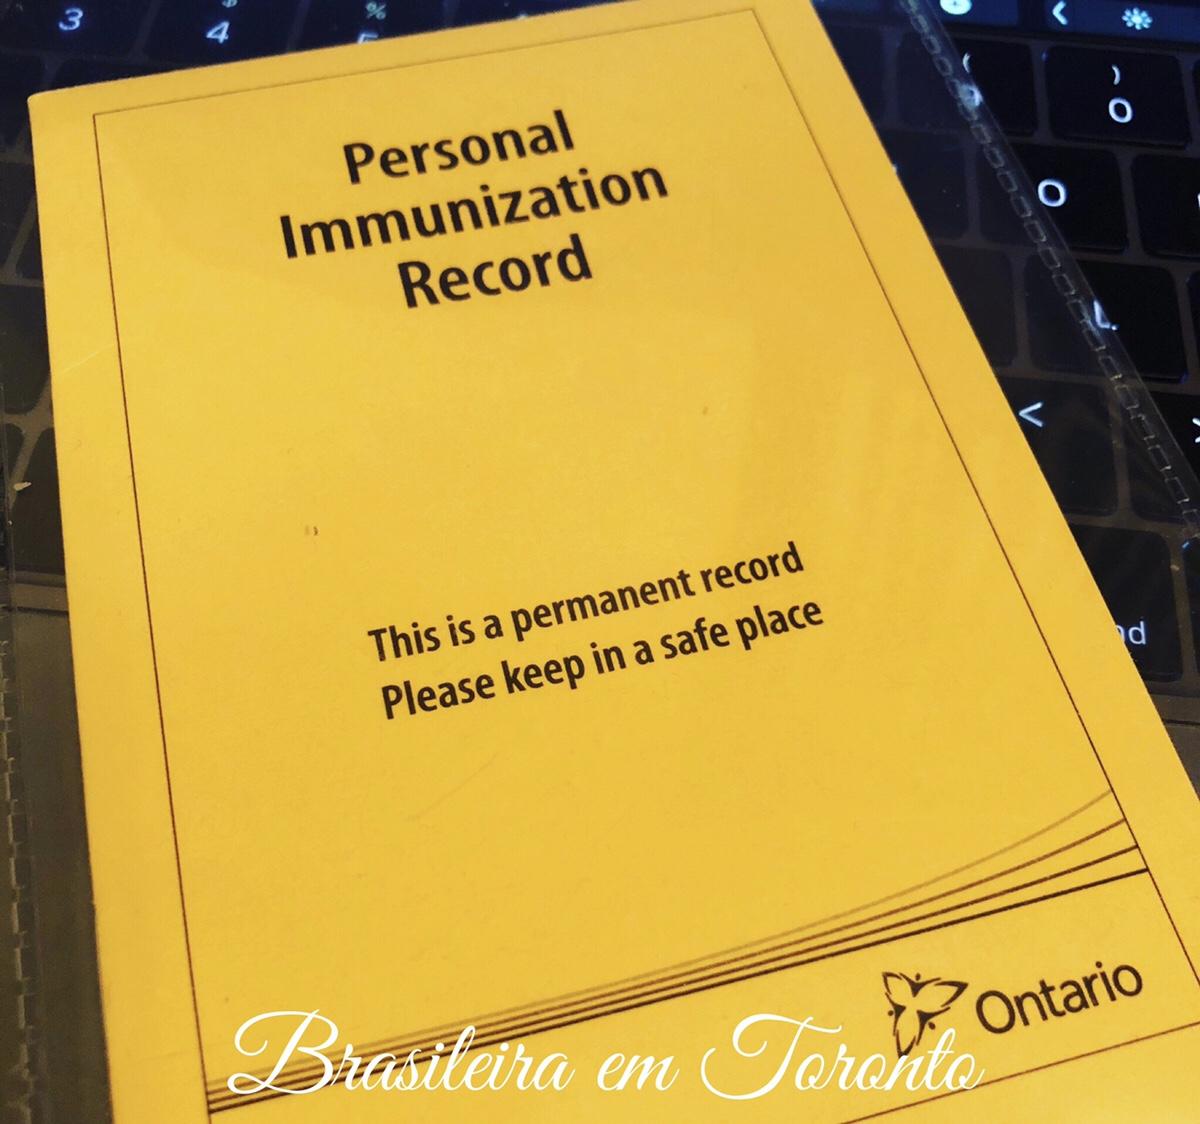 Calendário de vacinas e visitas de rotina do bebê em Ontário